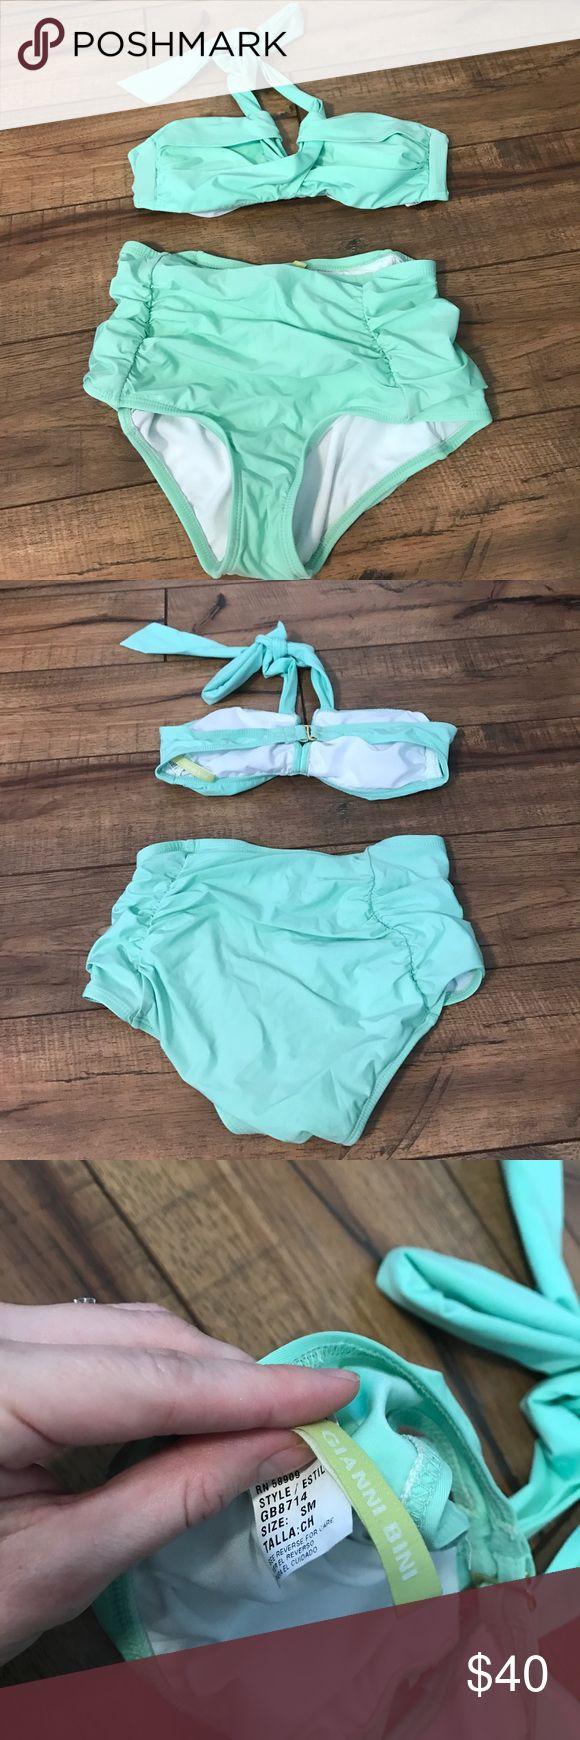 Gianni Bini Mint Green High Waisted Bikini Set Worn a few times and like new. Adorable high quality swimsuit and super flattering! Padded top. Gianni Bini Swim Bikinis